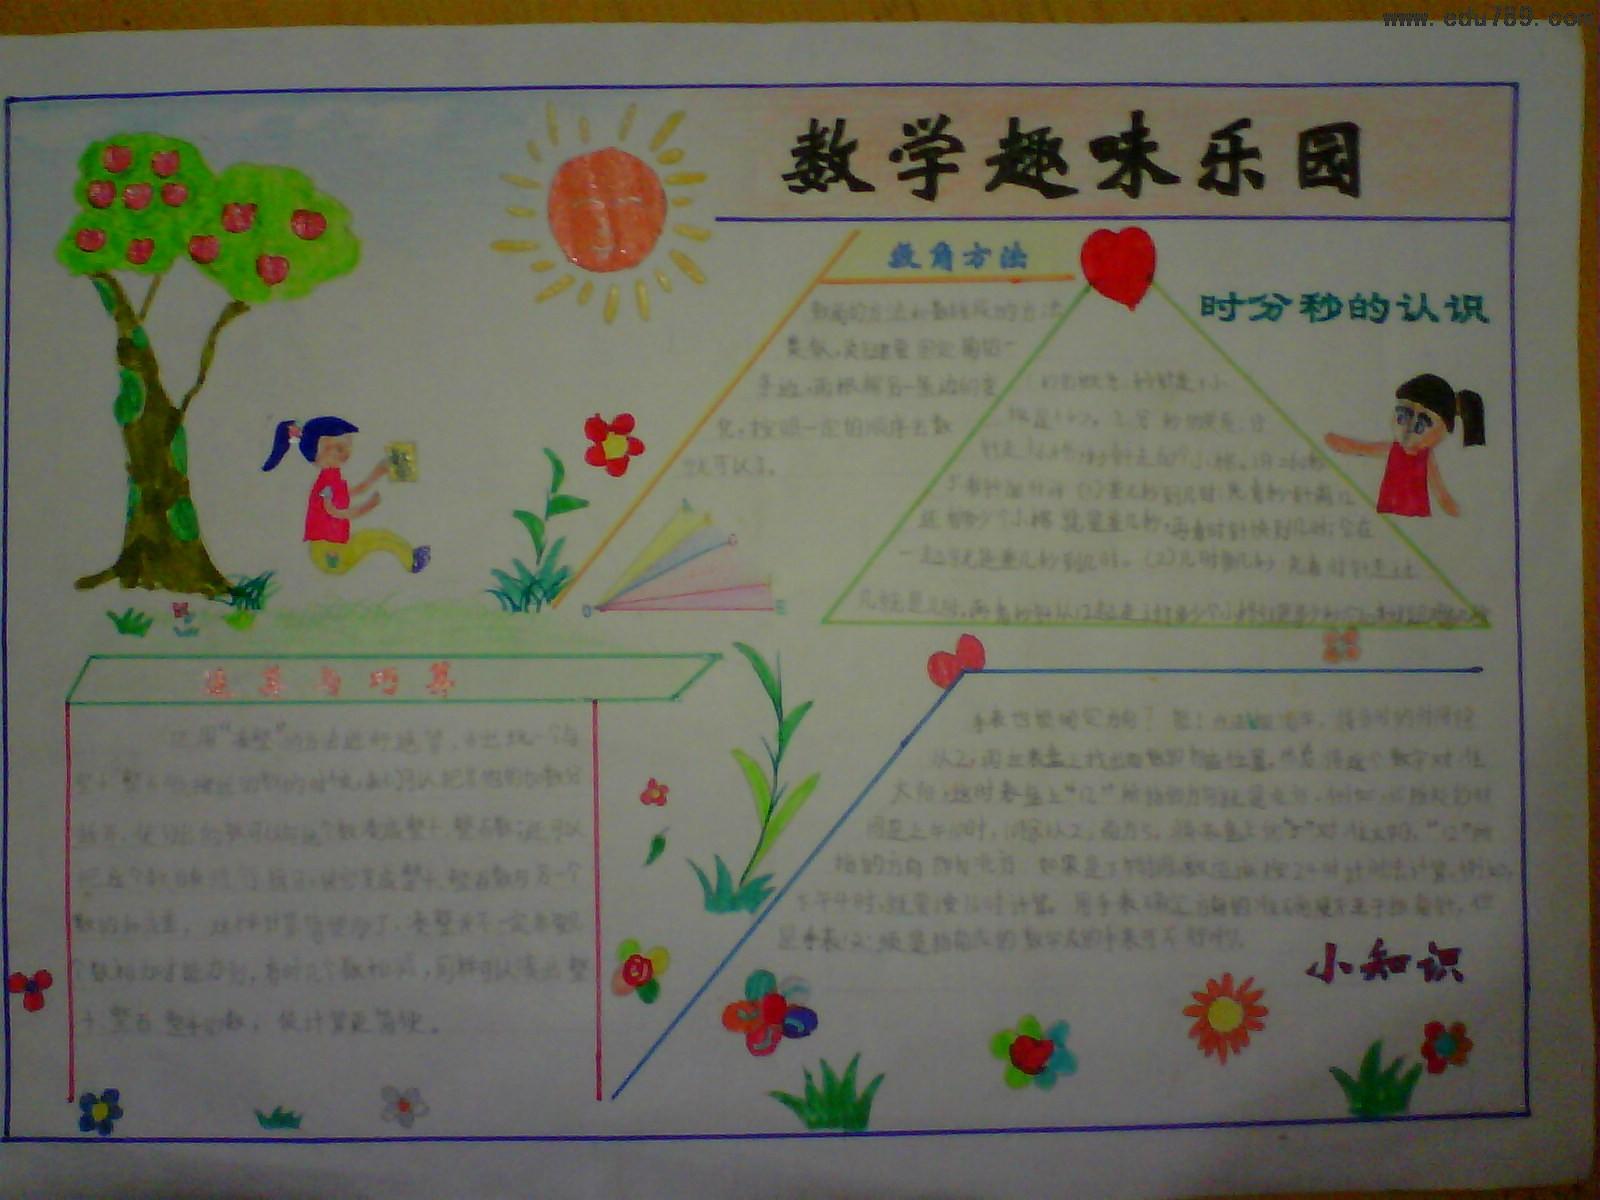 有关数学的名人名言-北京小学数学手抄报资料